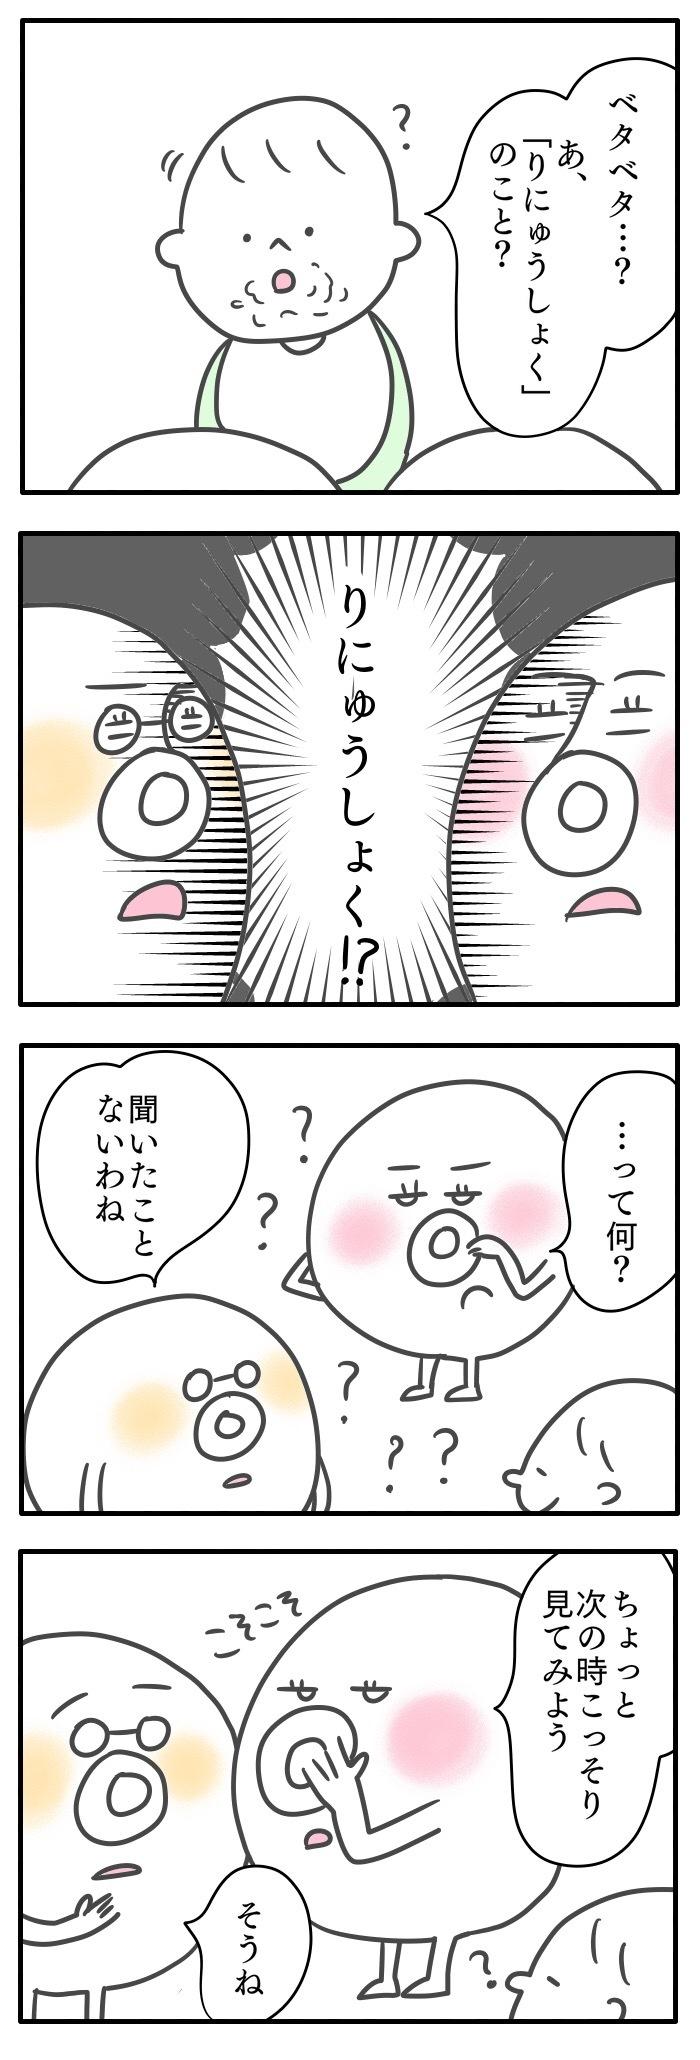 ぼうやが「りにゅうしょく」を食べた日/おっぱいとぼく2【11話】の画像4